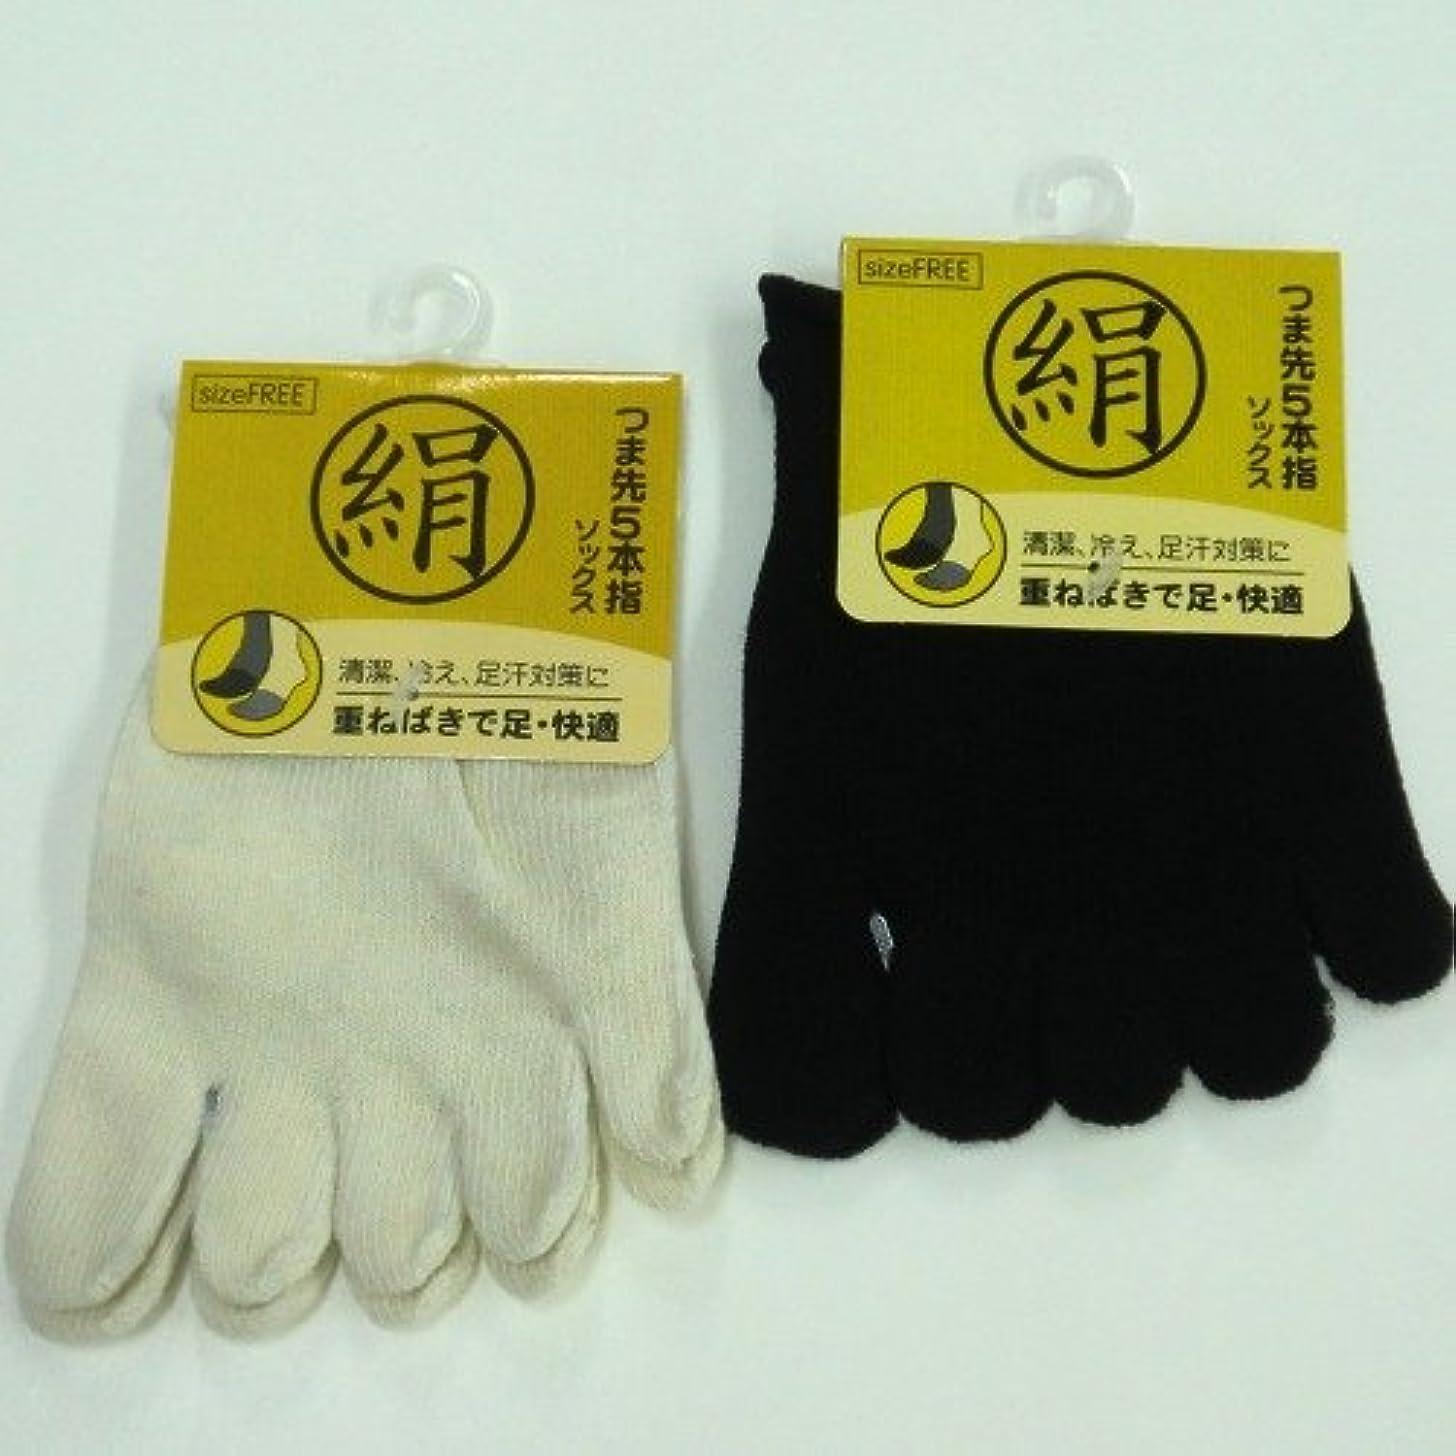 管理します精度の慈悲で5本指ソックス つま先 ハーフソックス 足指カバー 天然素材絹で抗菌防臭 お買得5足組 (色はお任せ)